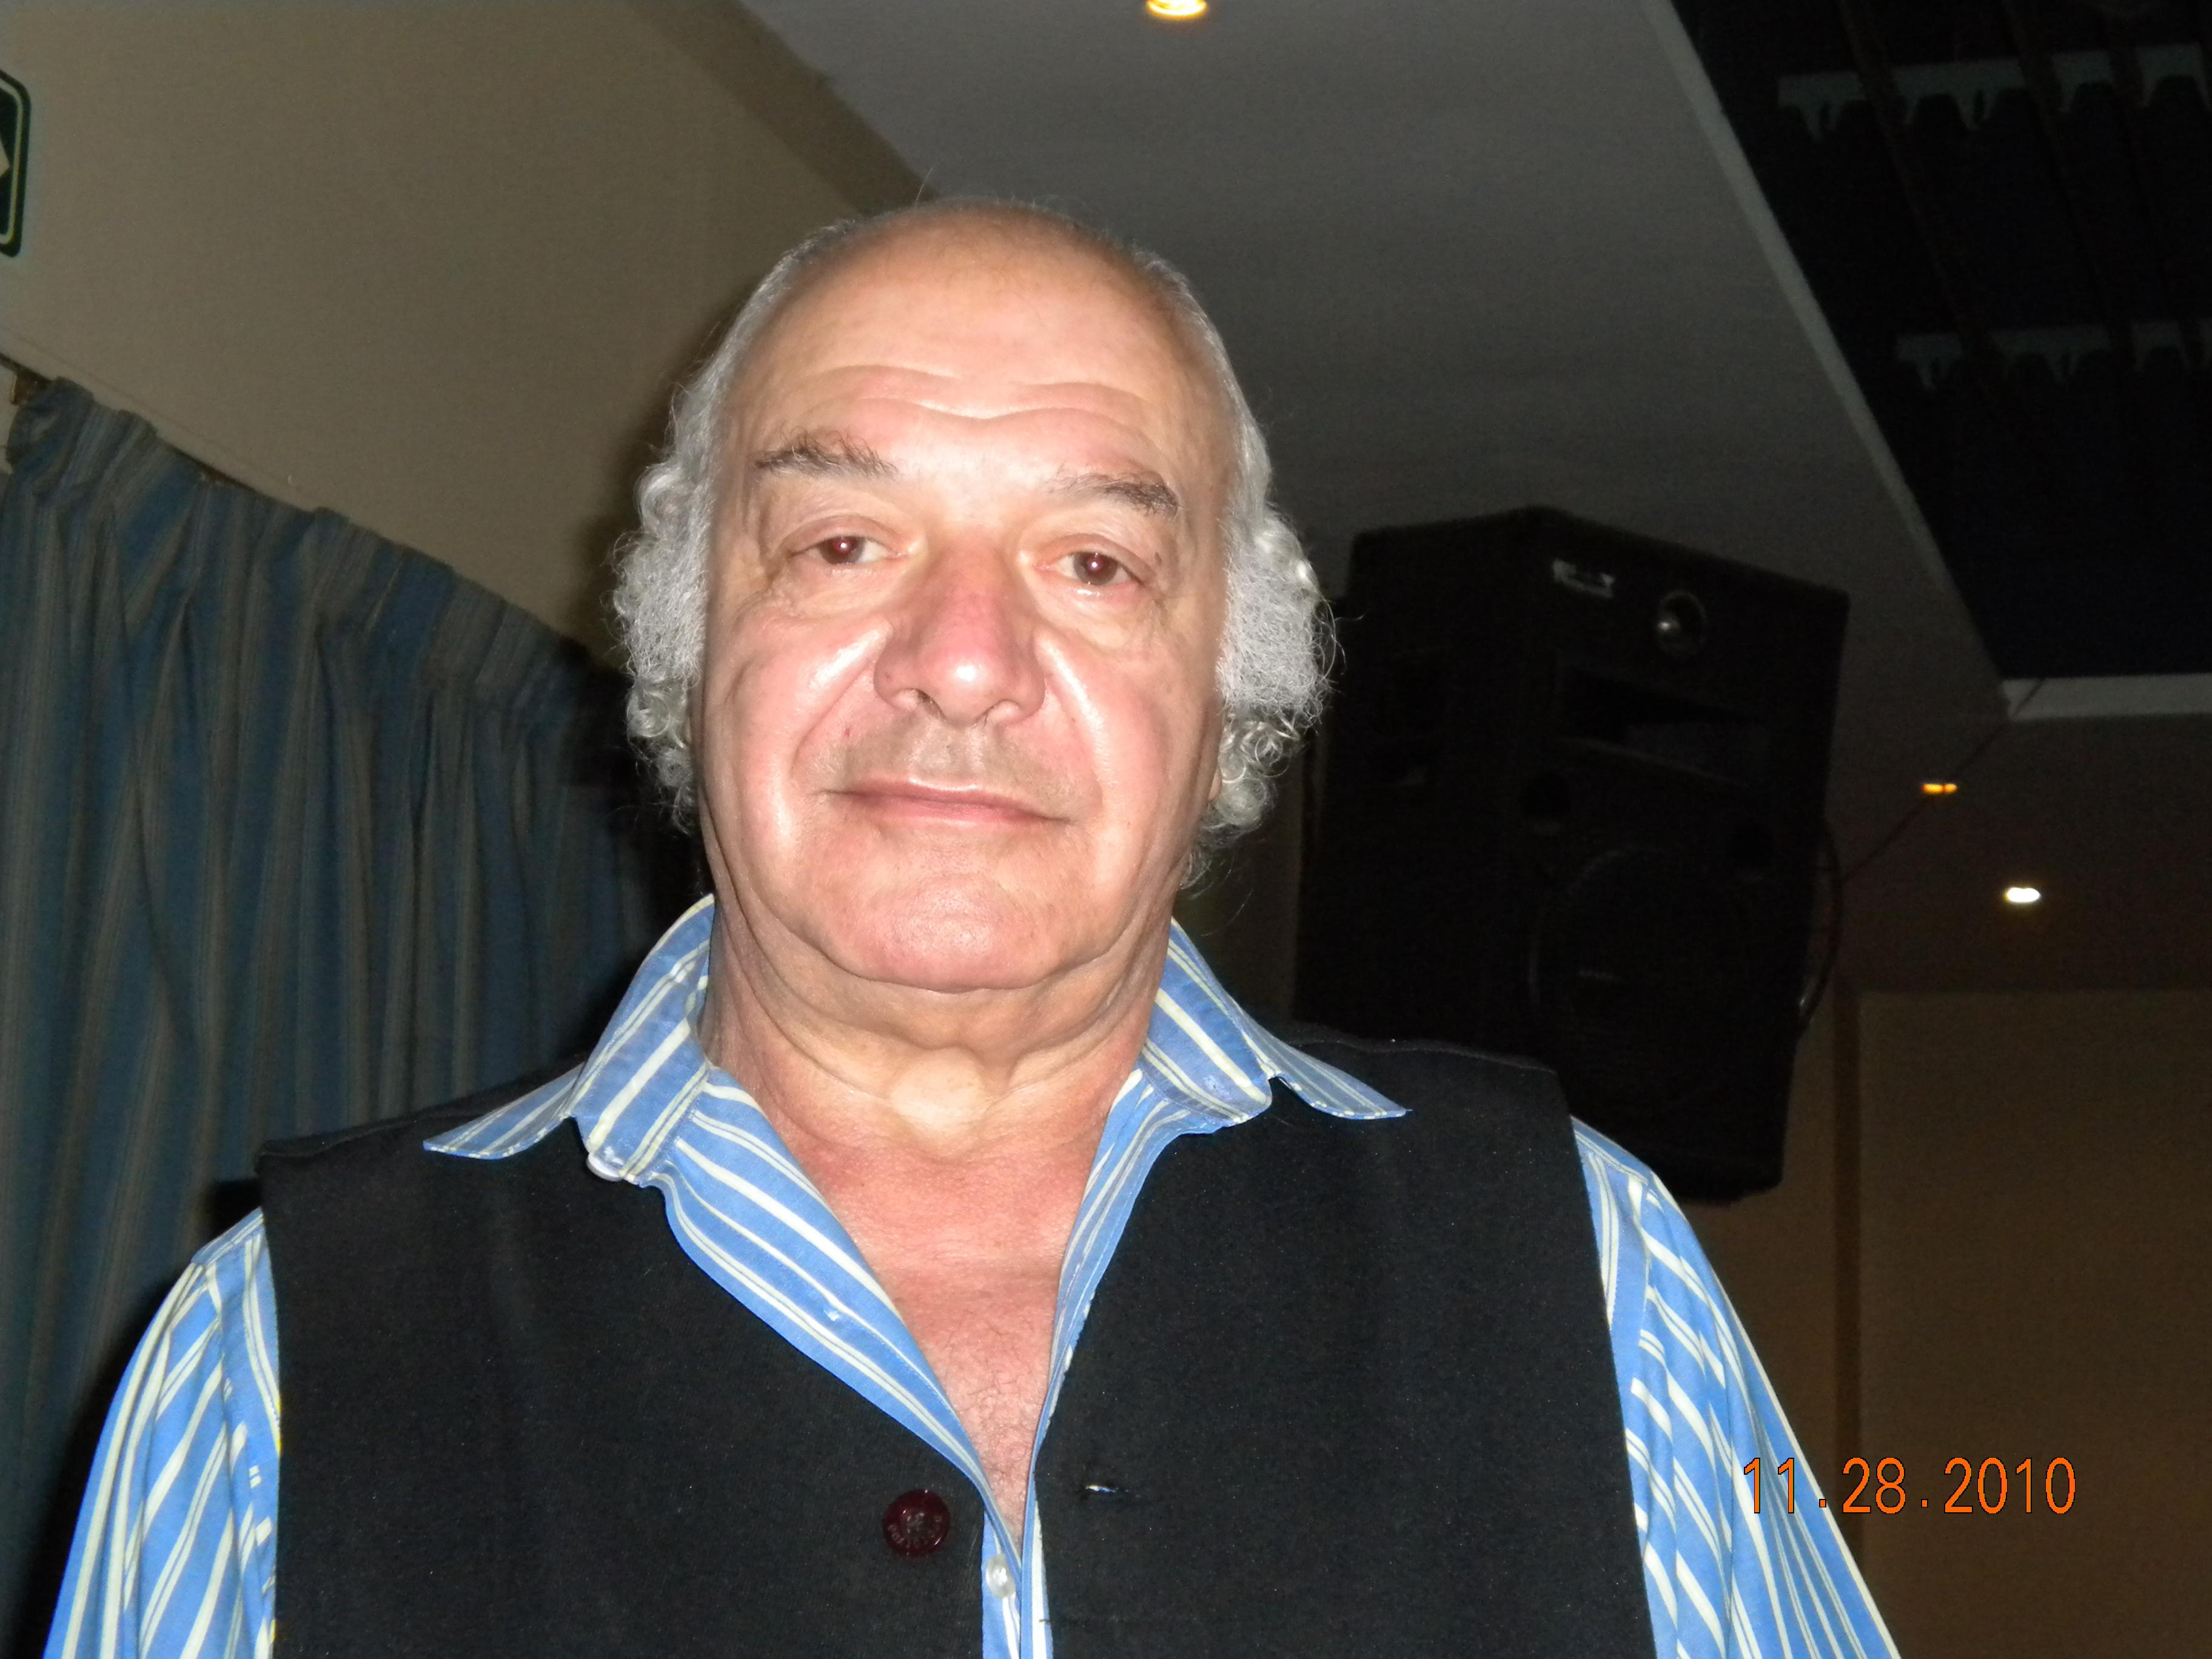 Juan <b>Jose Alvarez</b> - juan-jose-alvarez-2